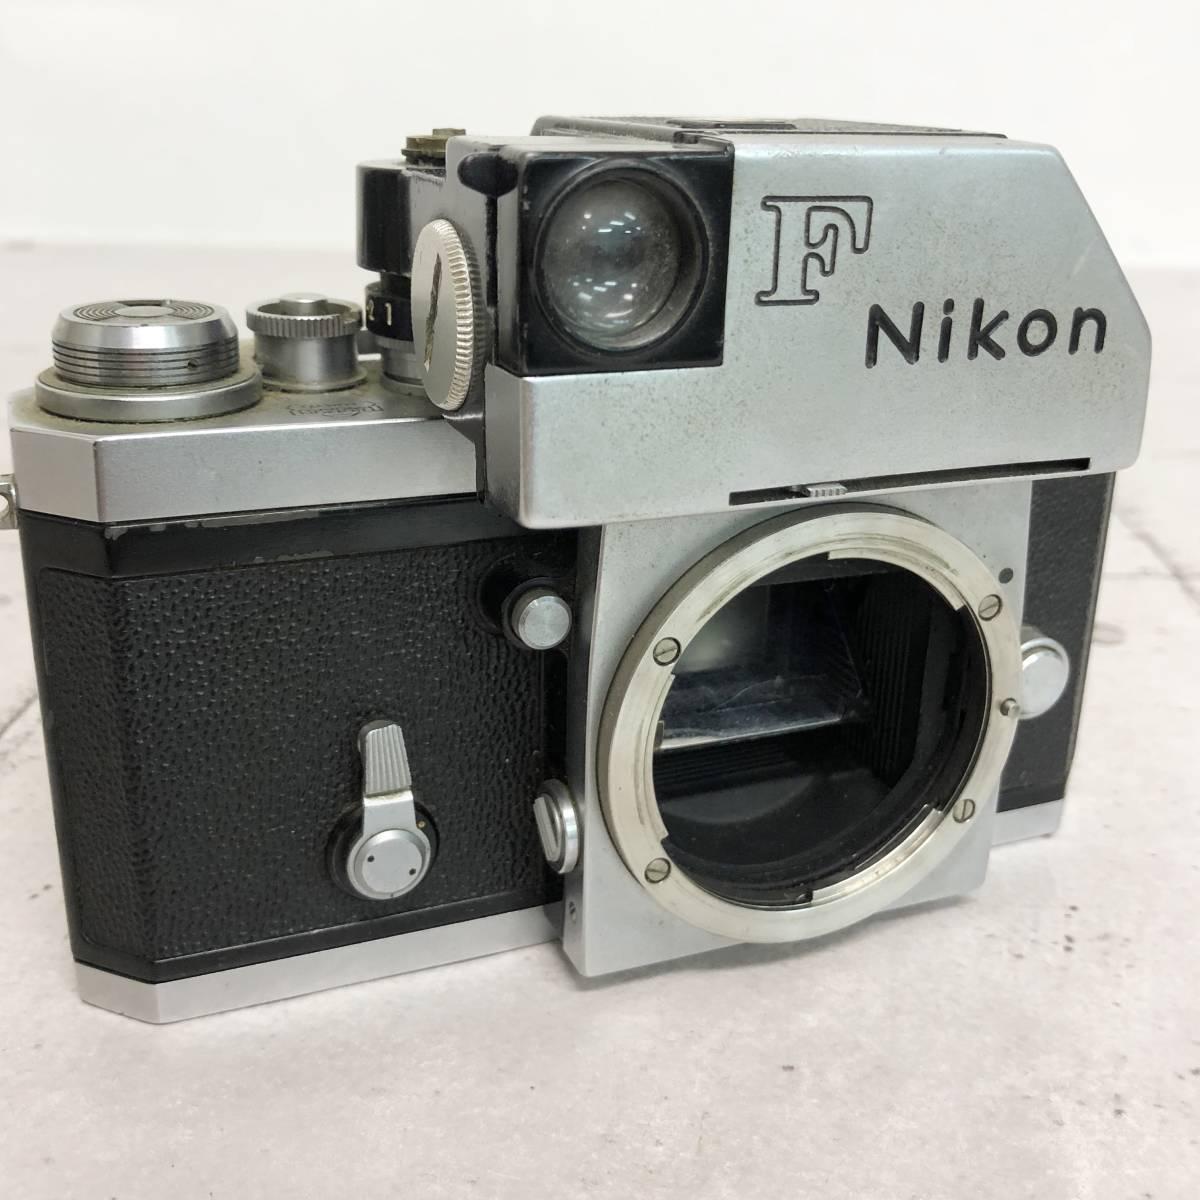 ニコン ニコマット カメラ 5台セット(ニコマット×2台・ニコンF・ニコン F-401)動作未確認 ジャンク品_画像4